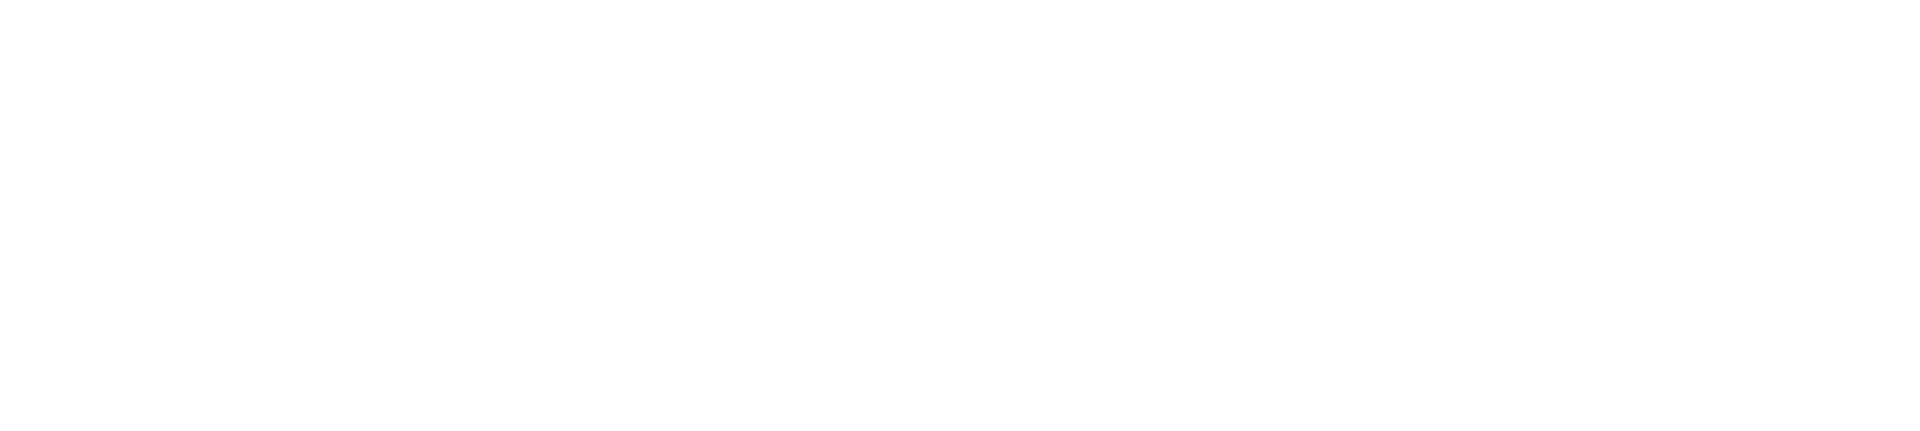 www.netresults.it